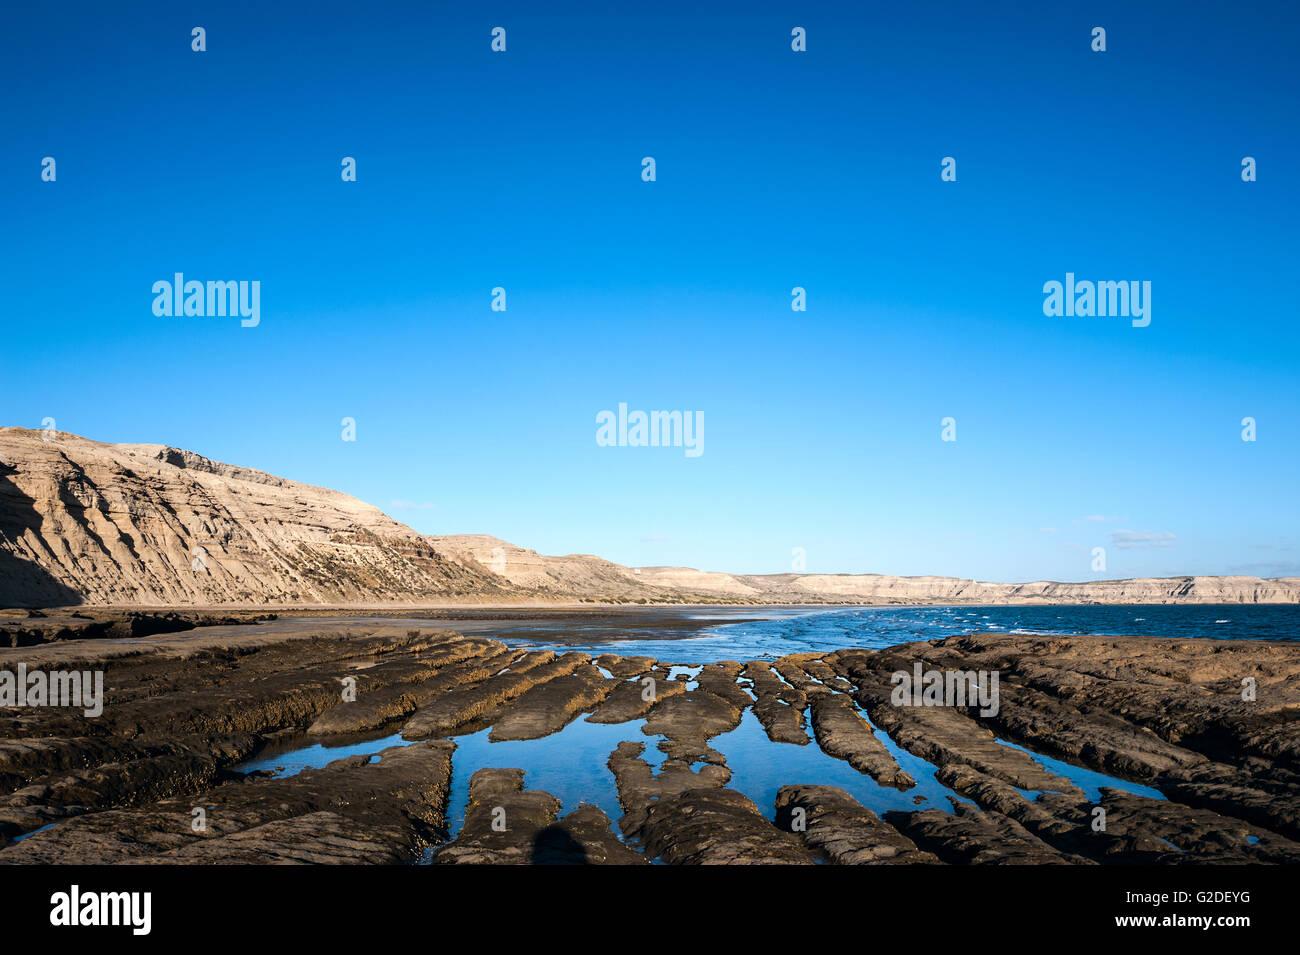 La côte de la patagonie, Peninsula Valdes, Argentine Photo Stock